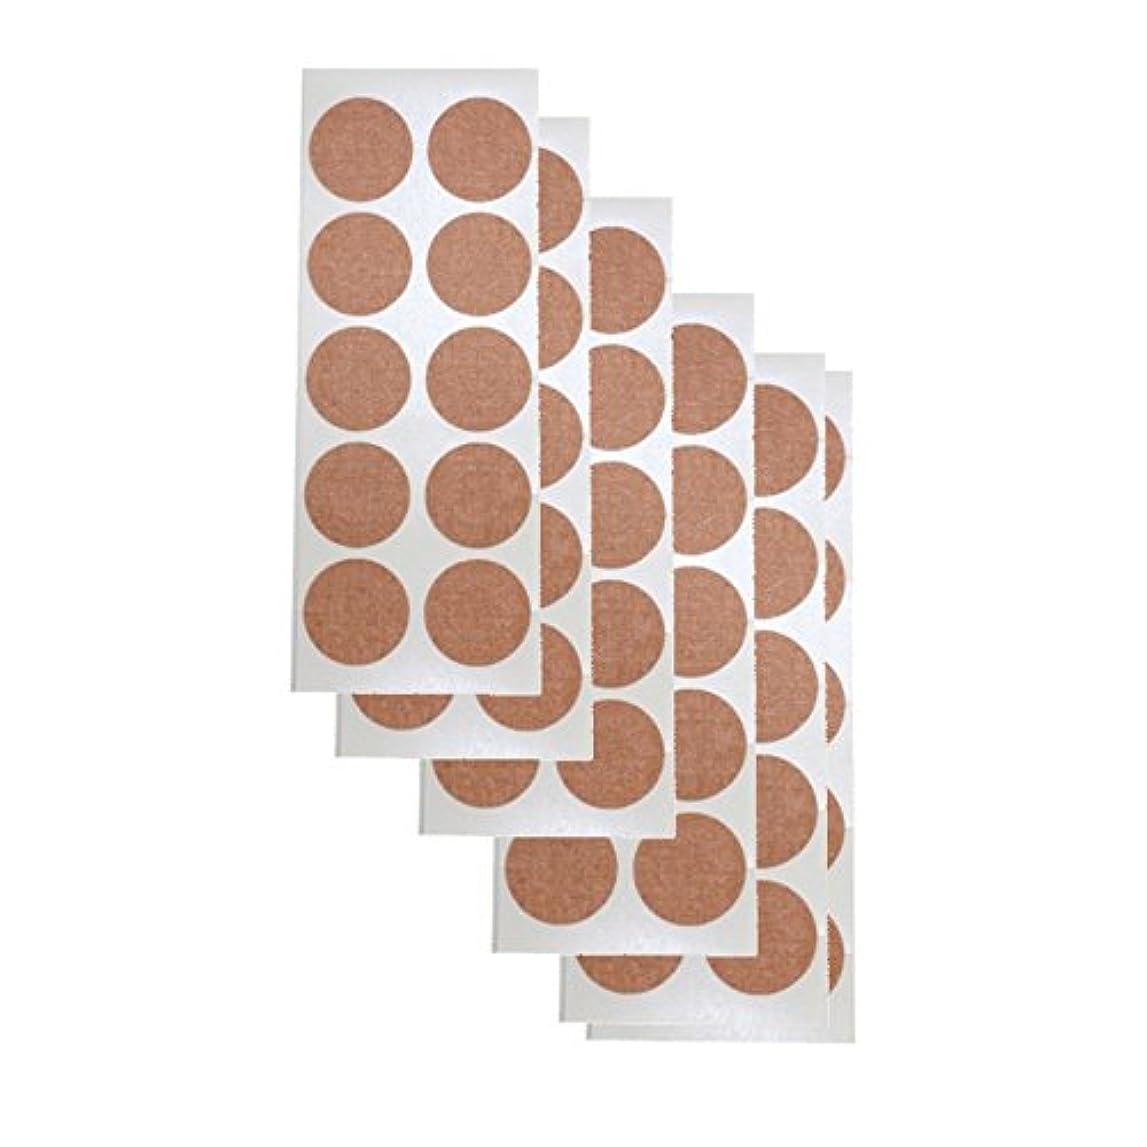 絶えず争い別にTQチップ 貼り替え用専用シール 効果は半永久的!貼っただけで心身のバランスがとれるTQチップ専用